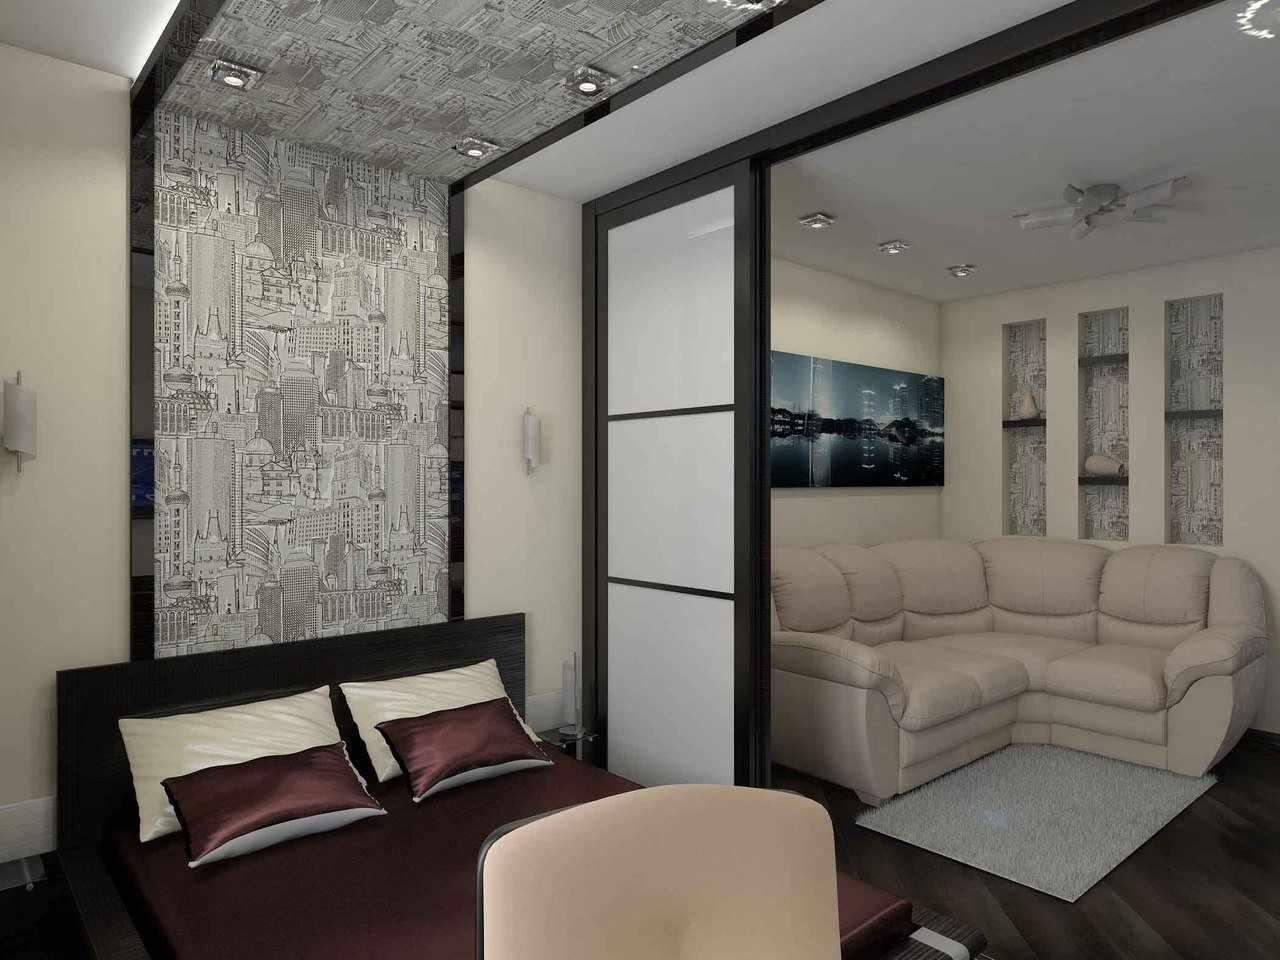 Планировка спальни-гостиной 18 кв м с перегородкой